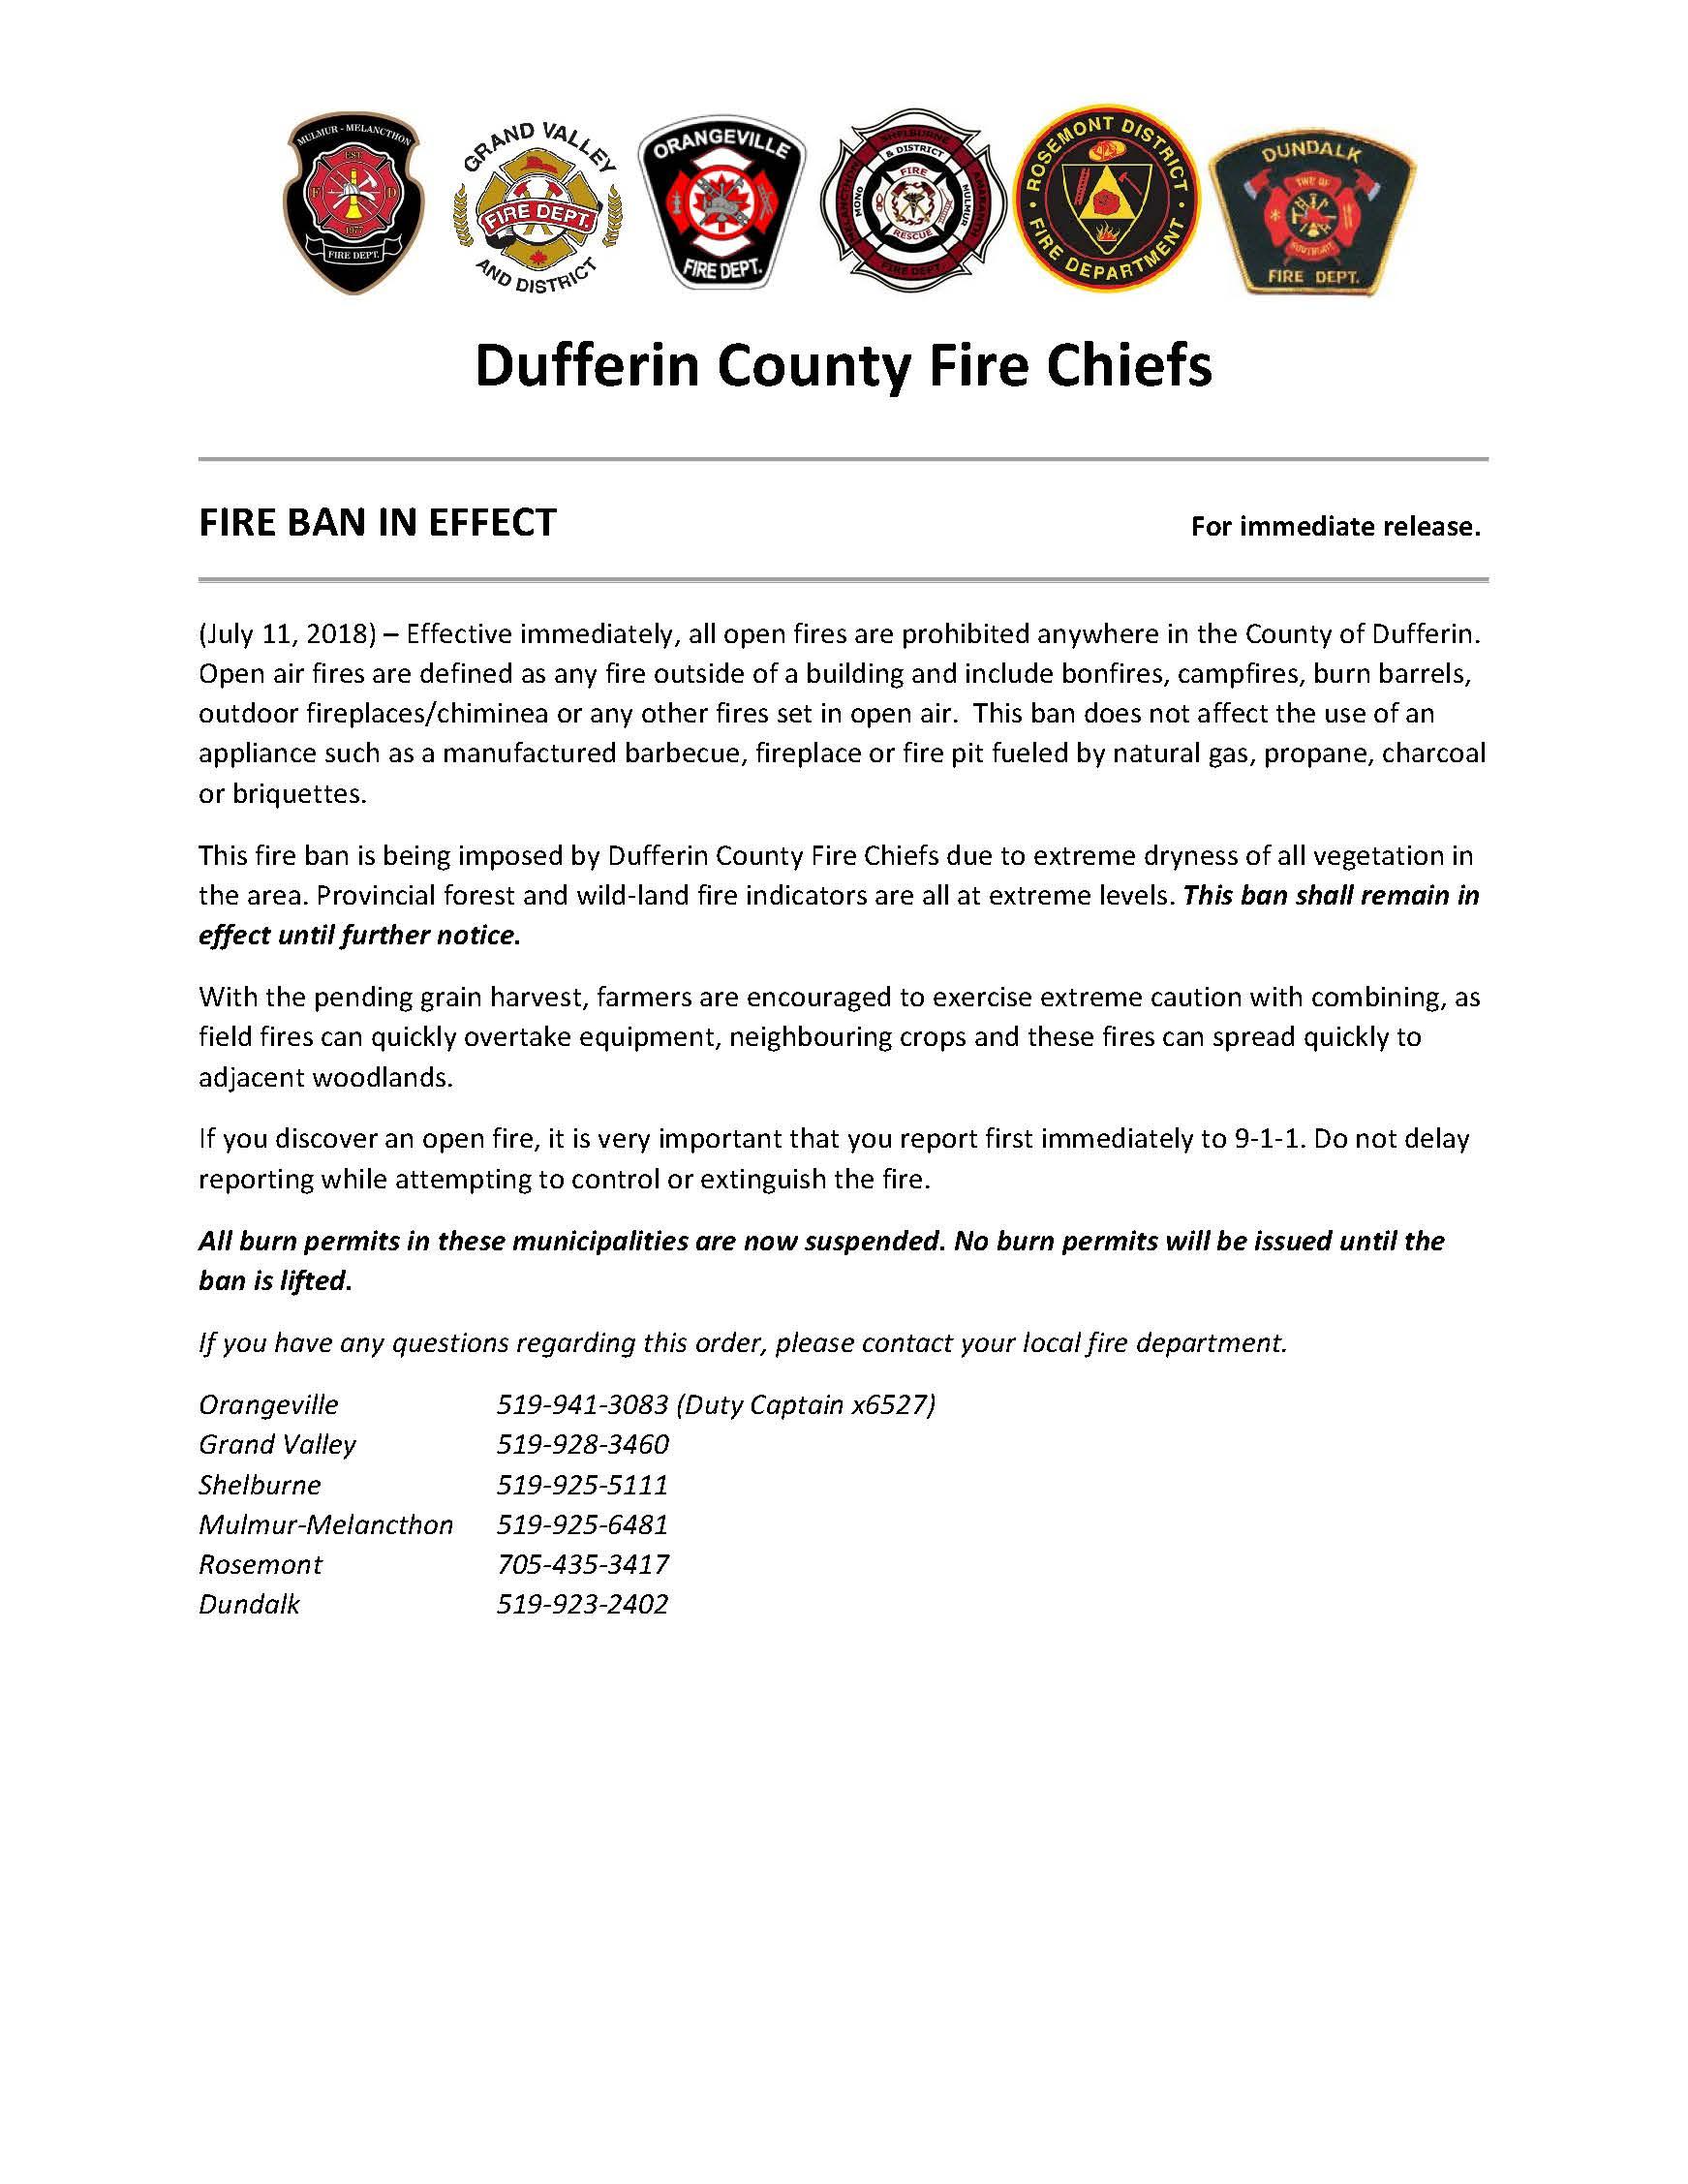 FIRE BAN IN EFFECT July 2018